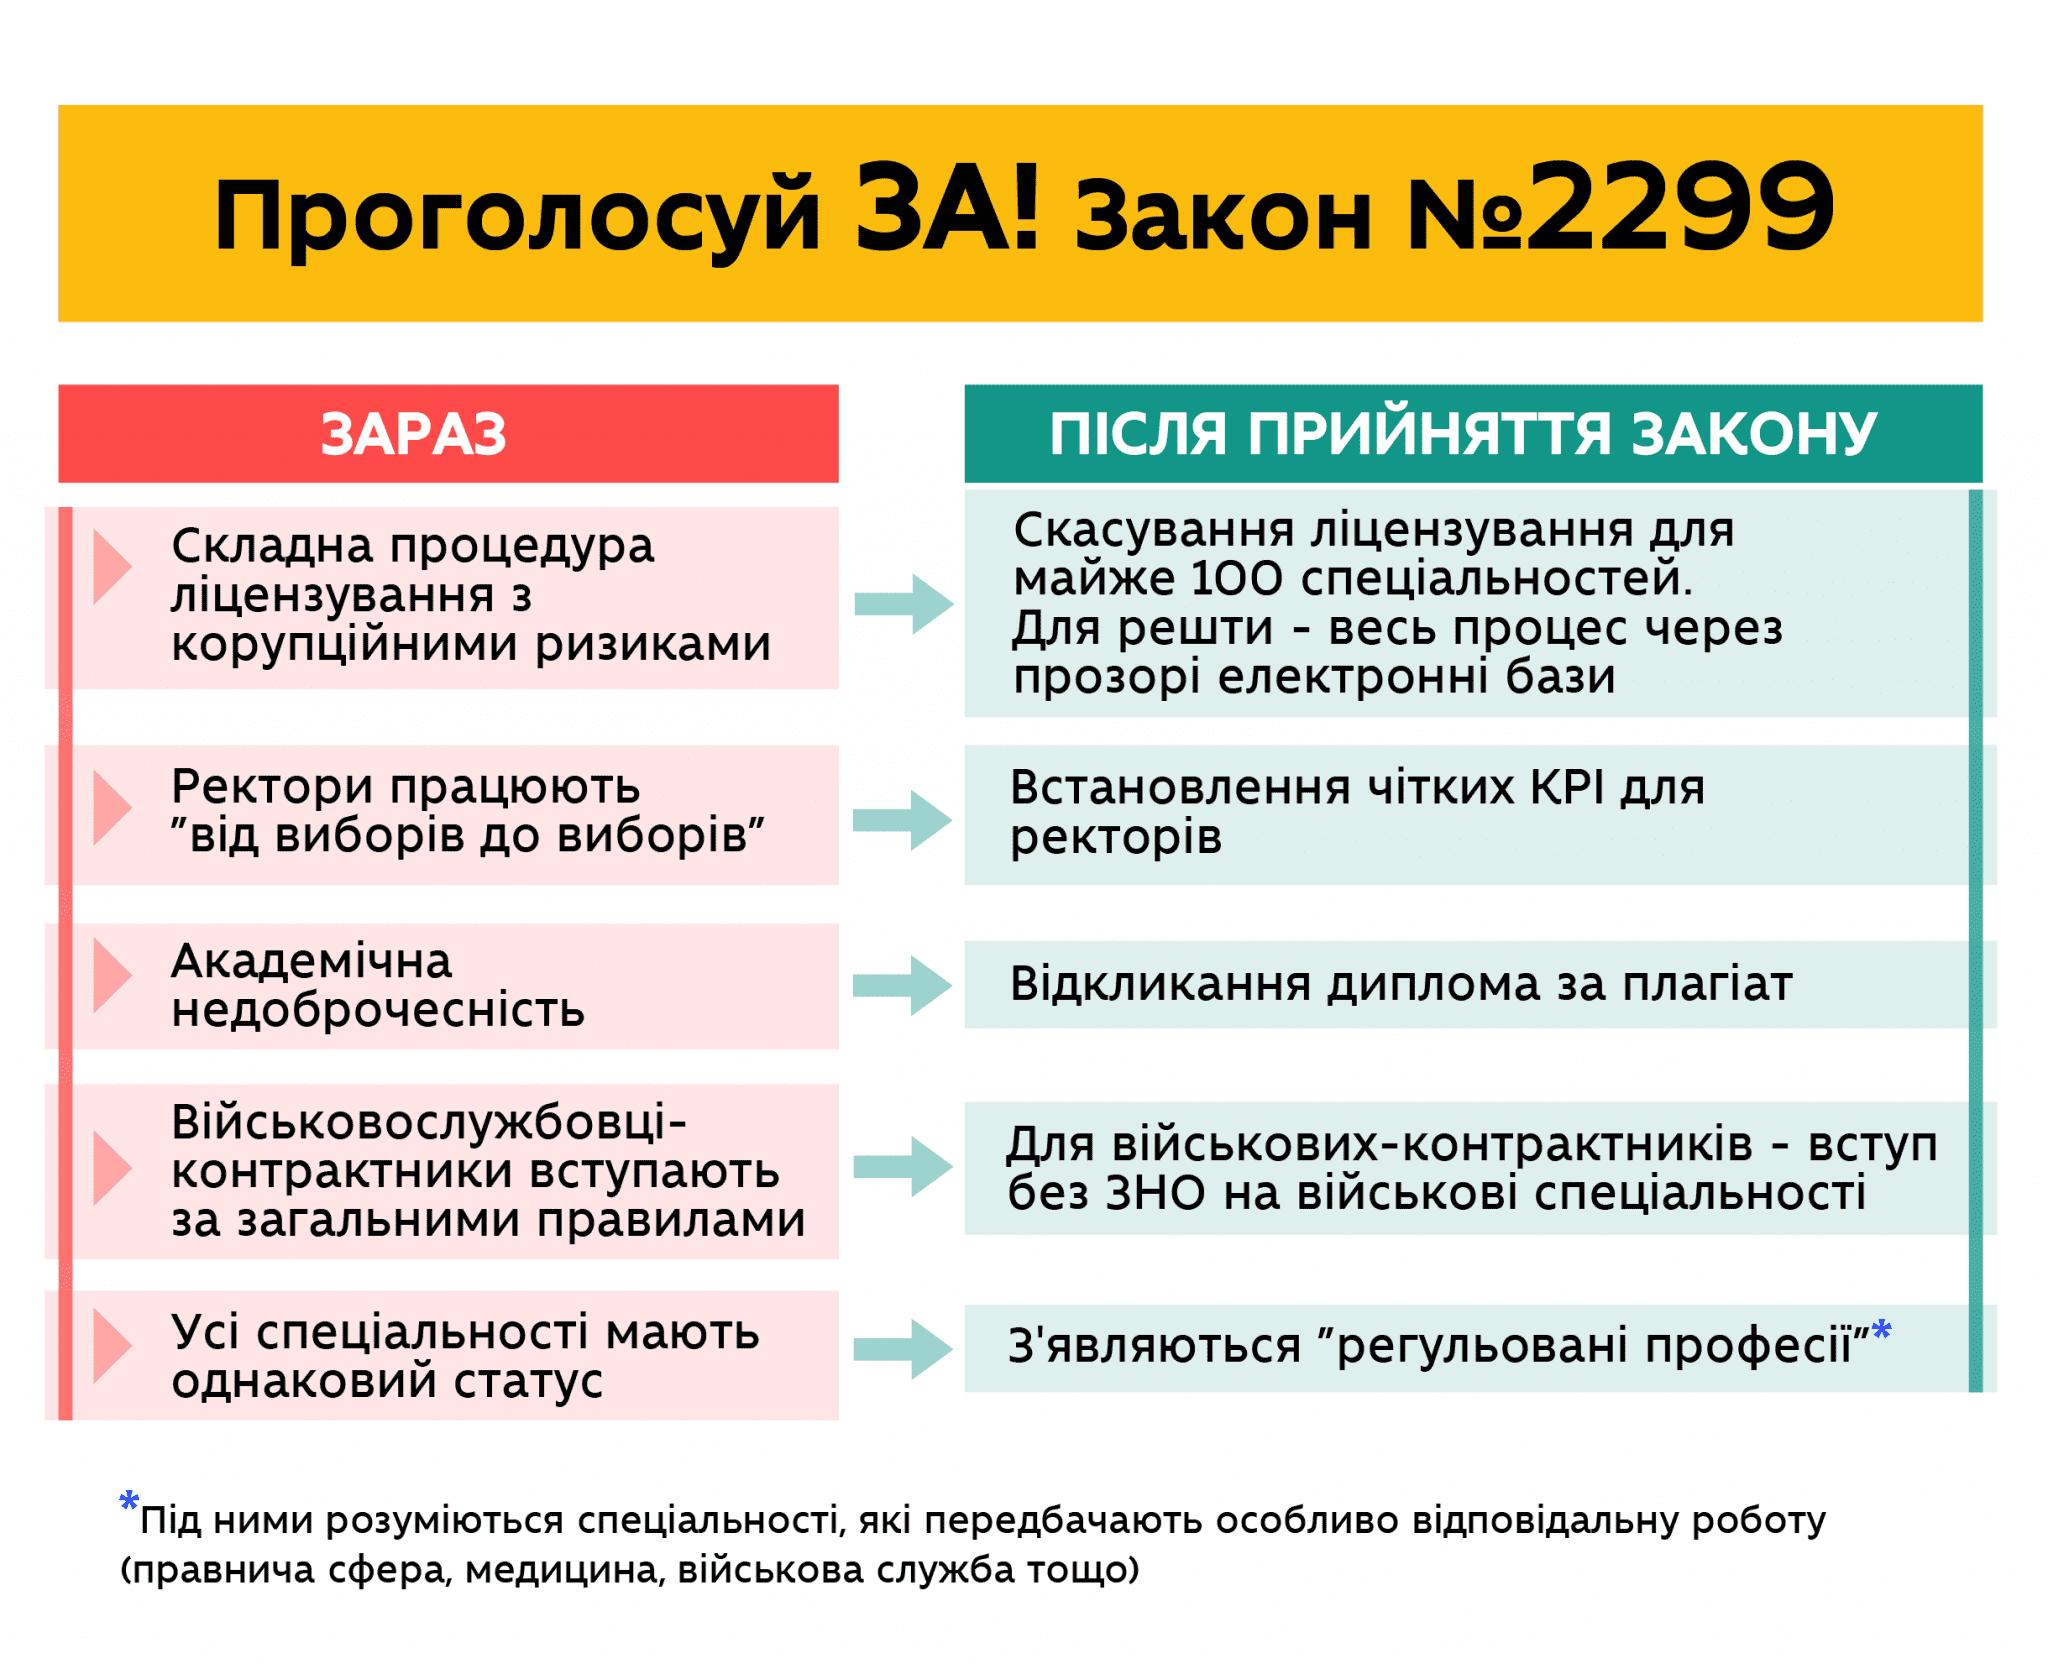 5dca9fd989409434291845